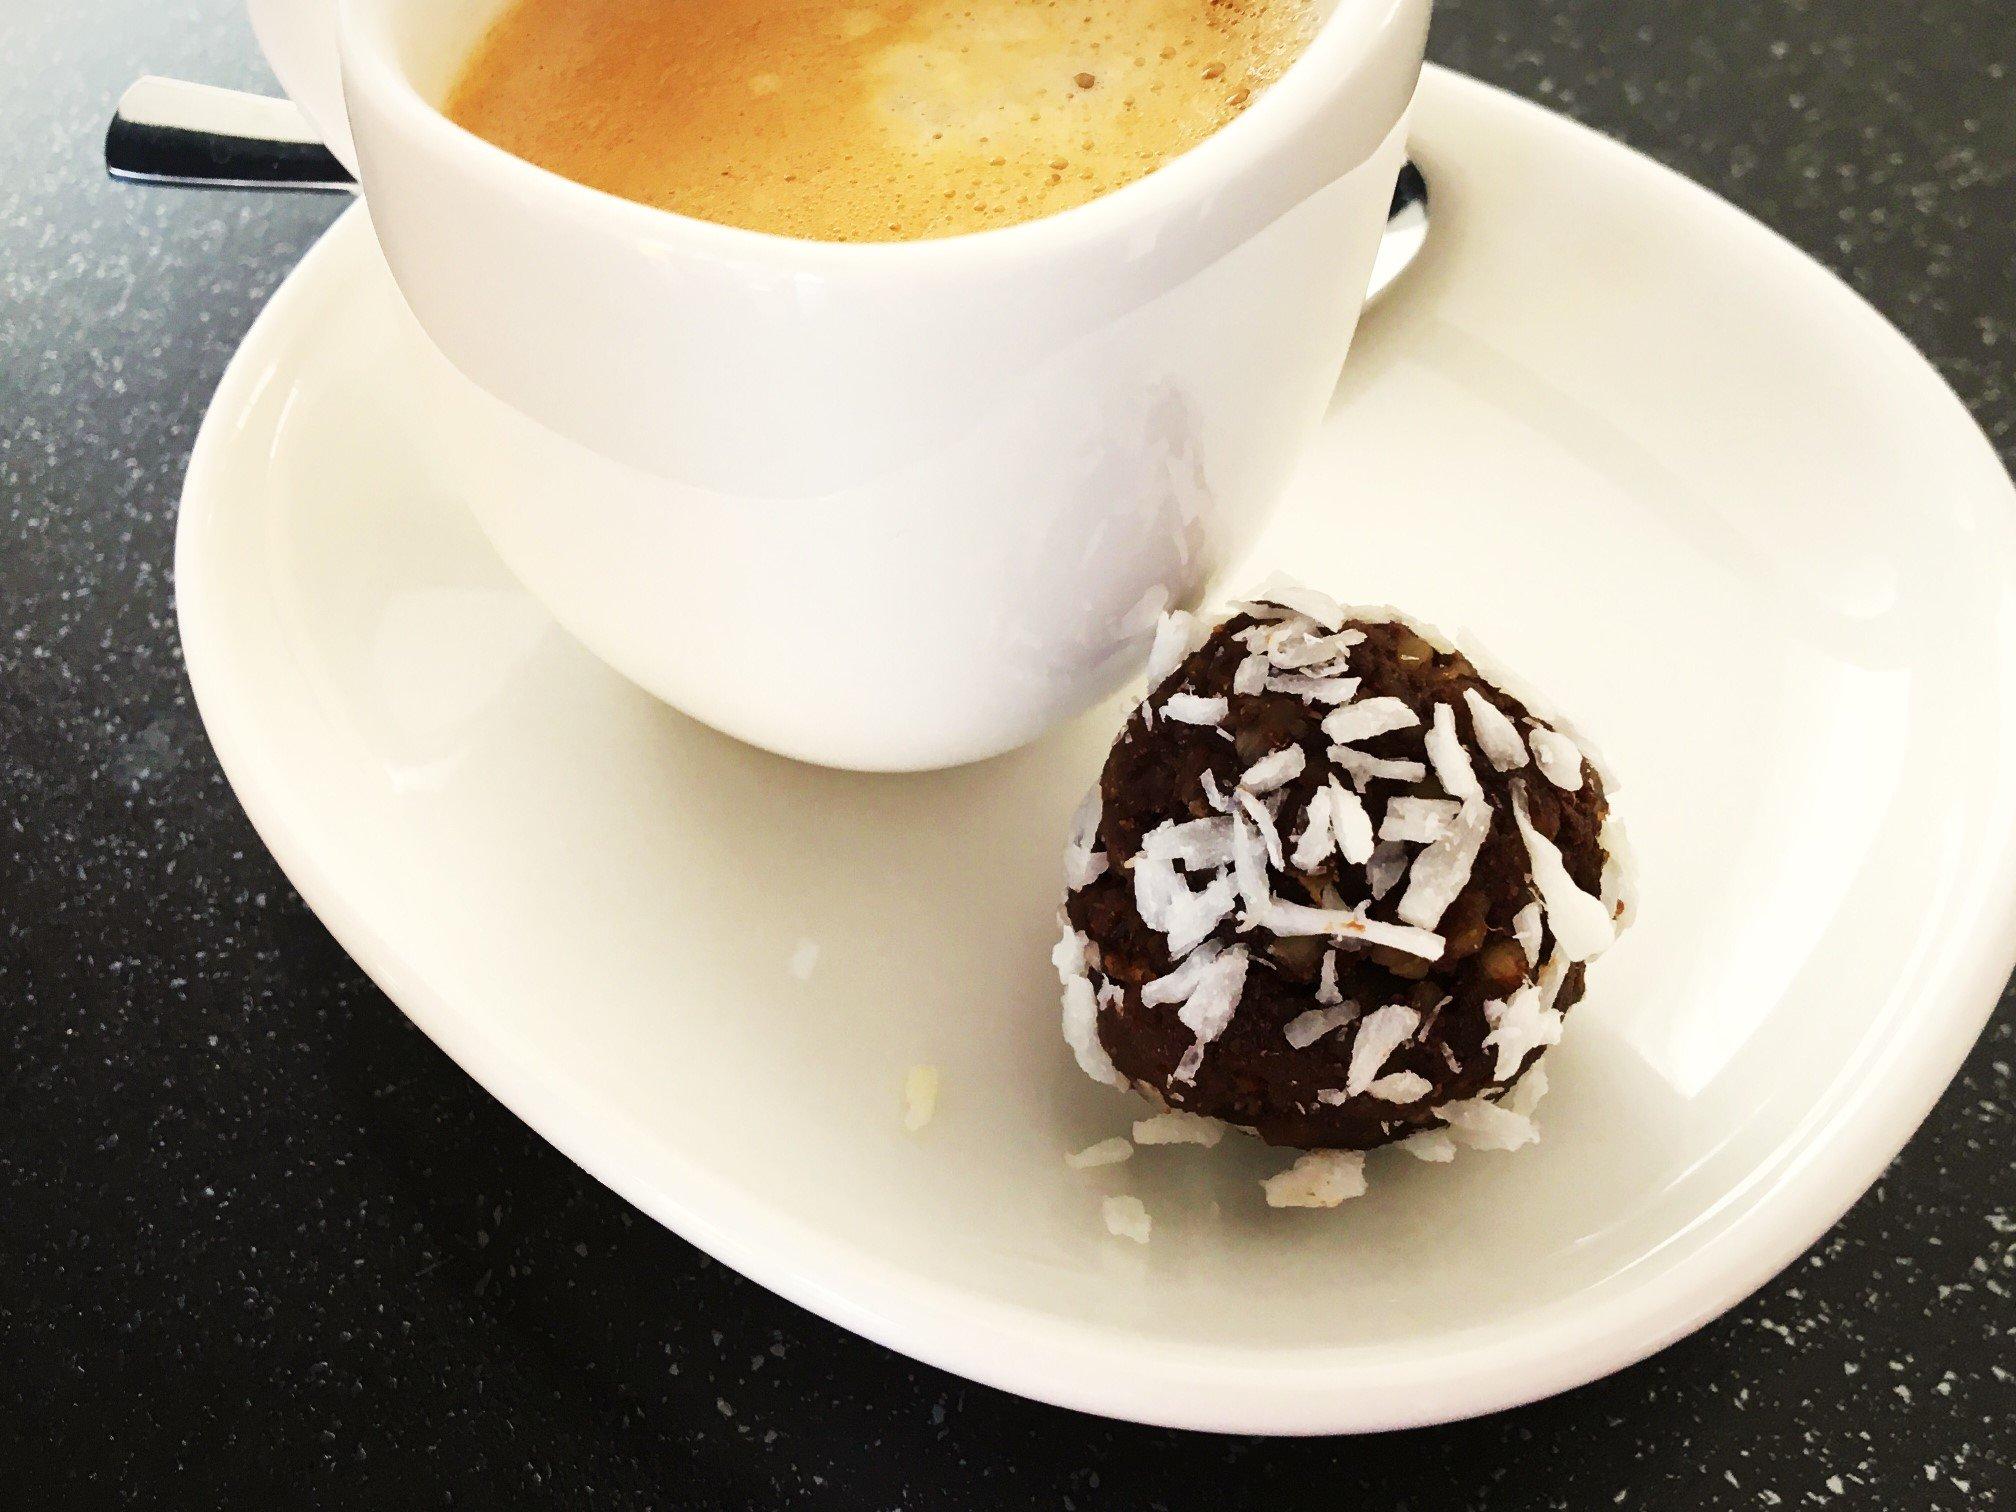 IMG 9472 - Espresso-Blissballs: Lecker, gesund und voller guter Zutaten